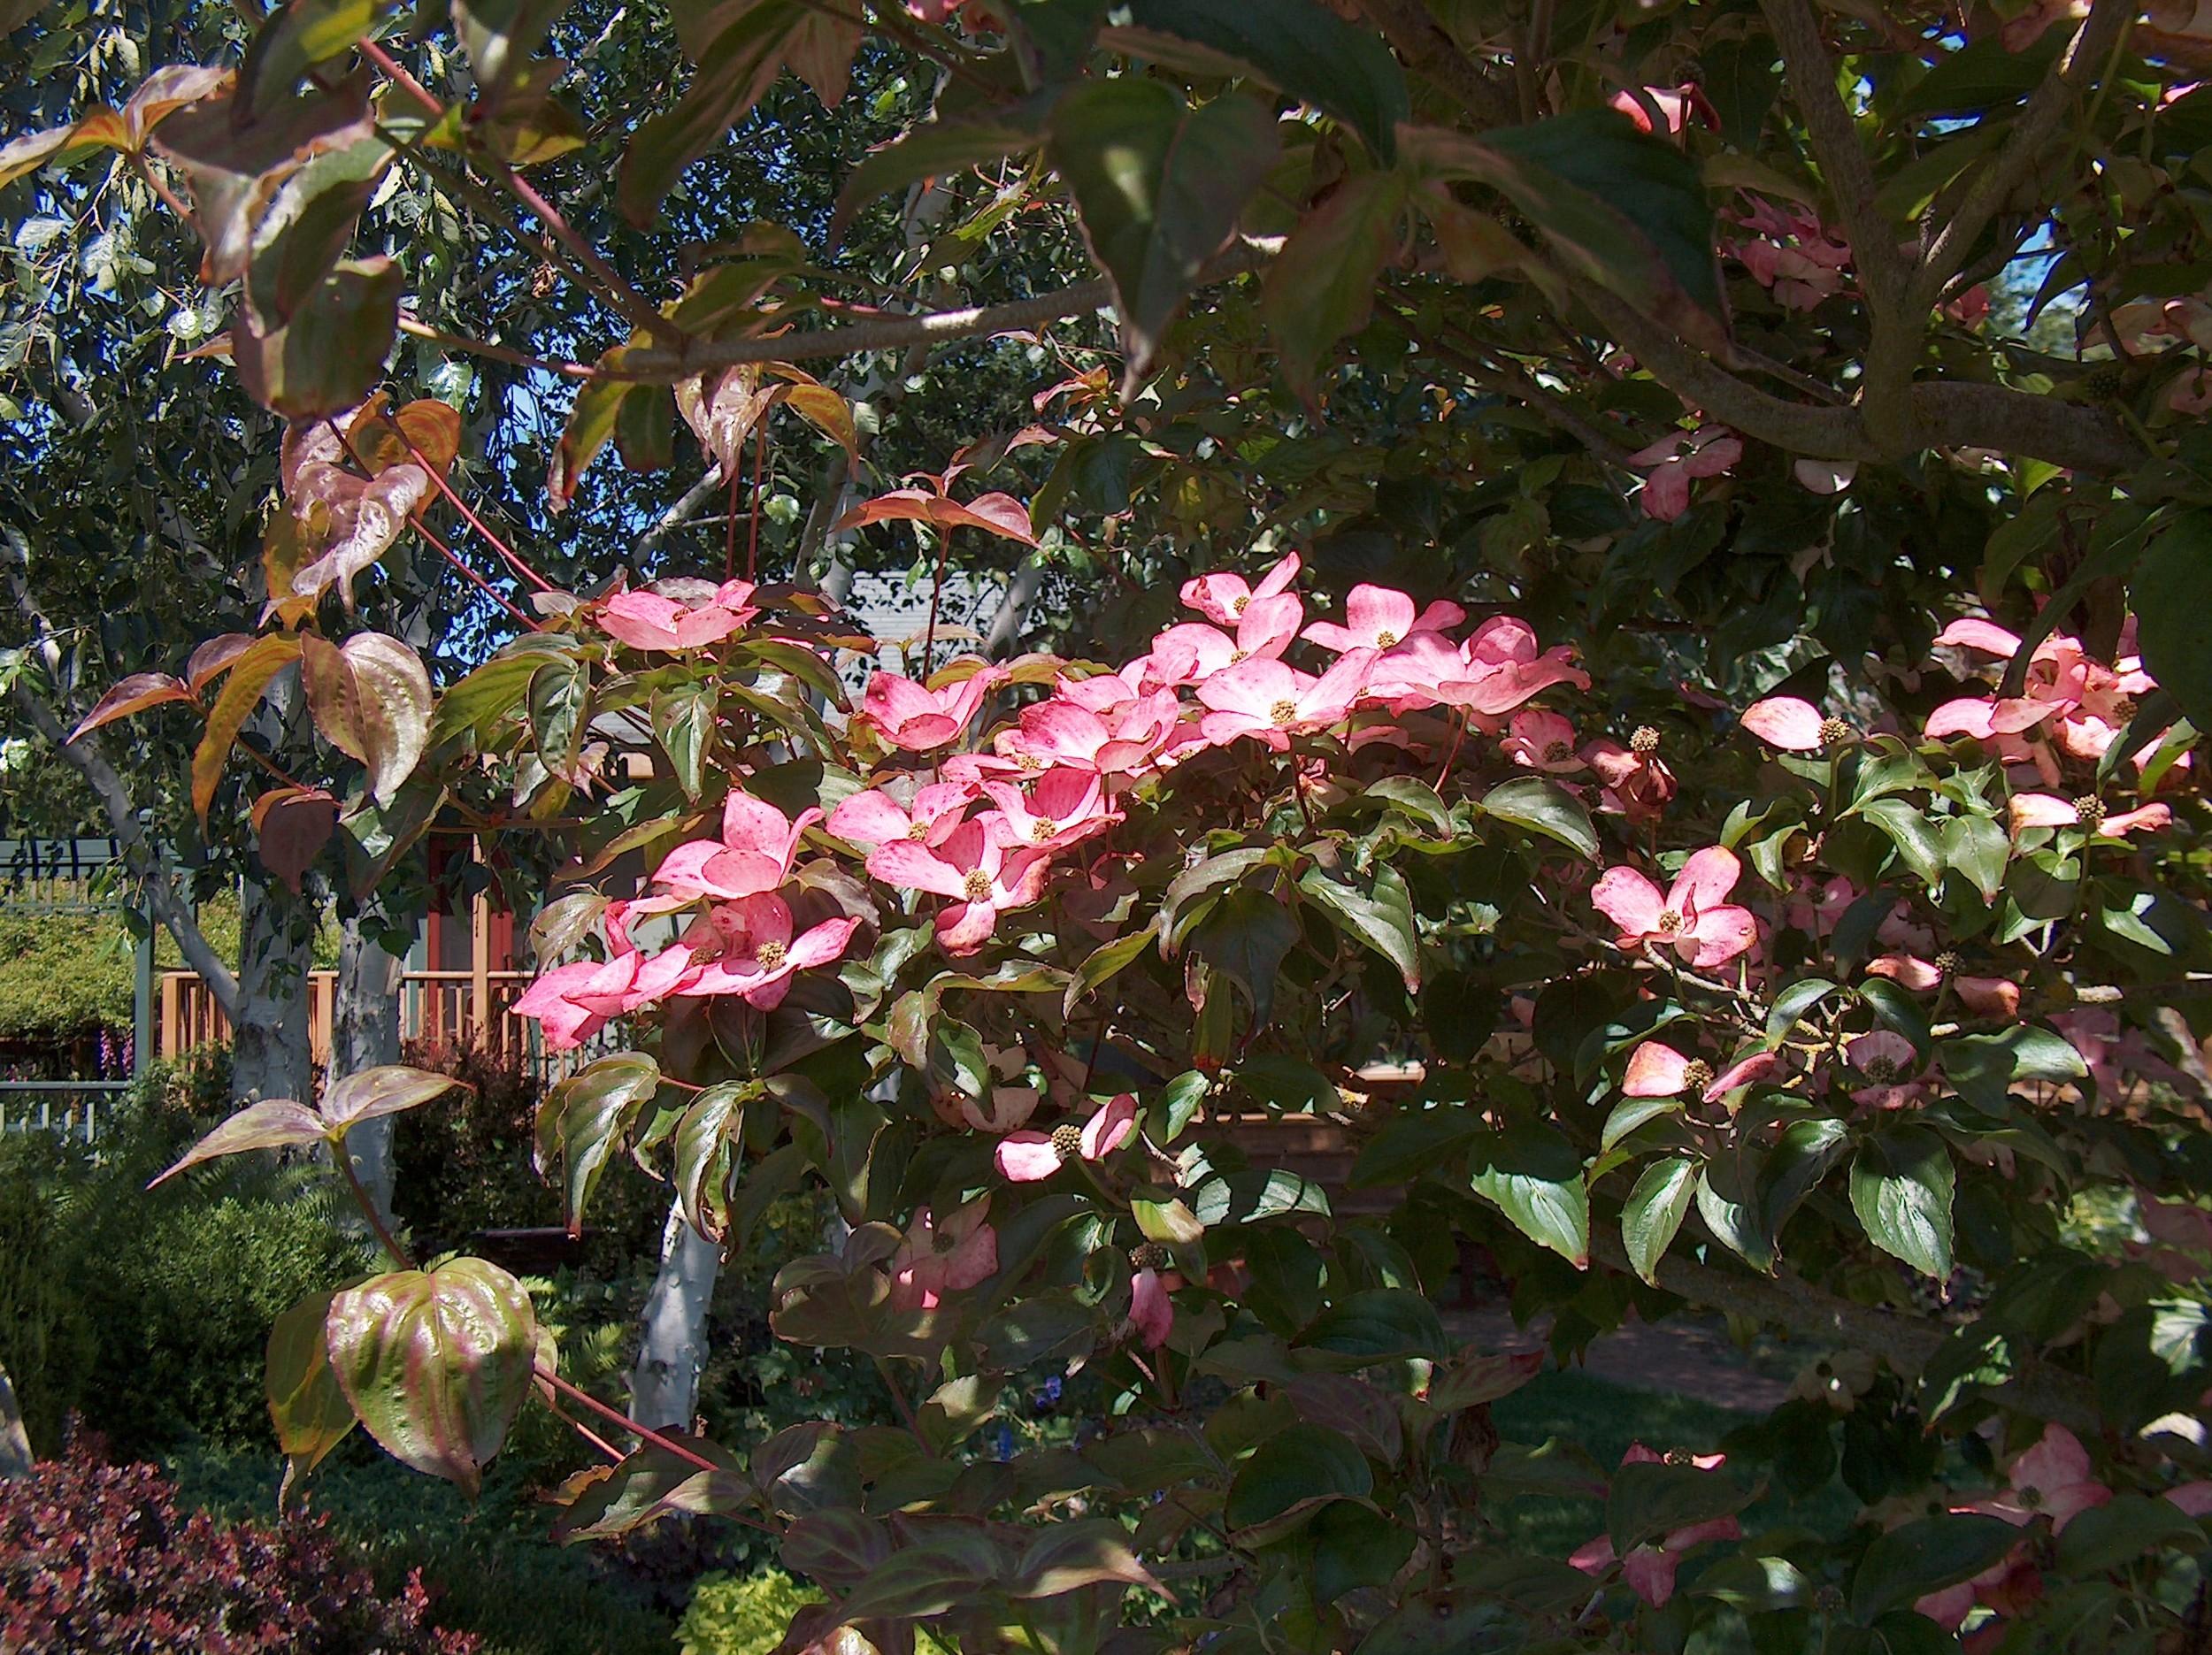 DogwoodBloomFoliage.JPG